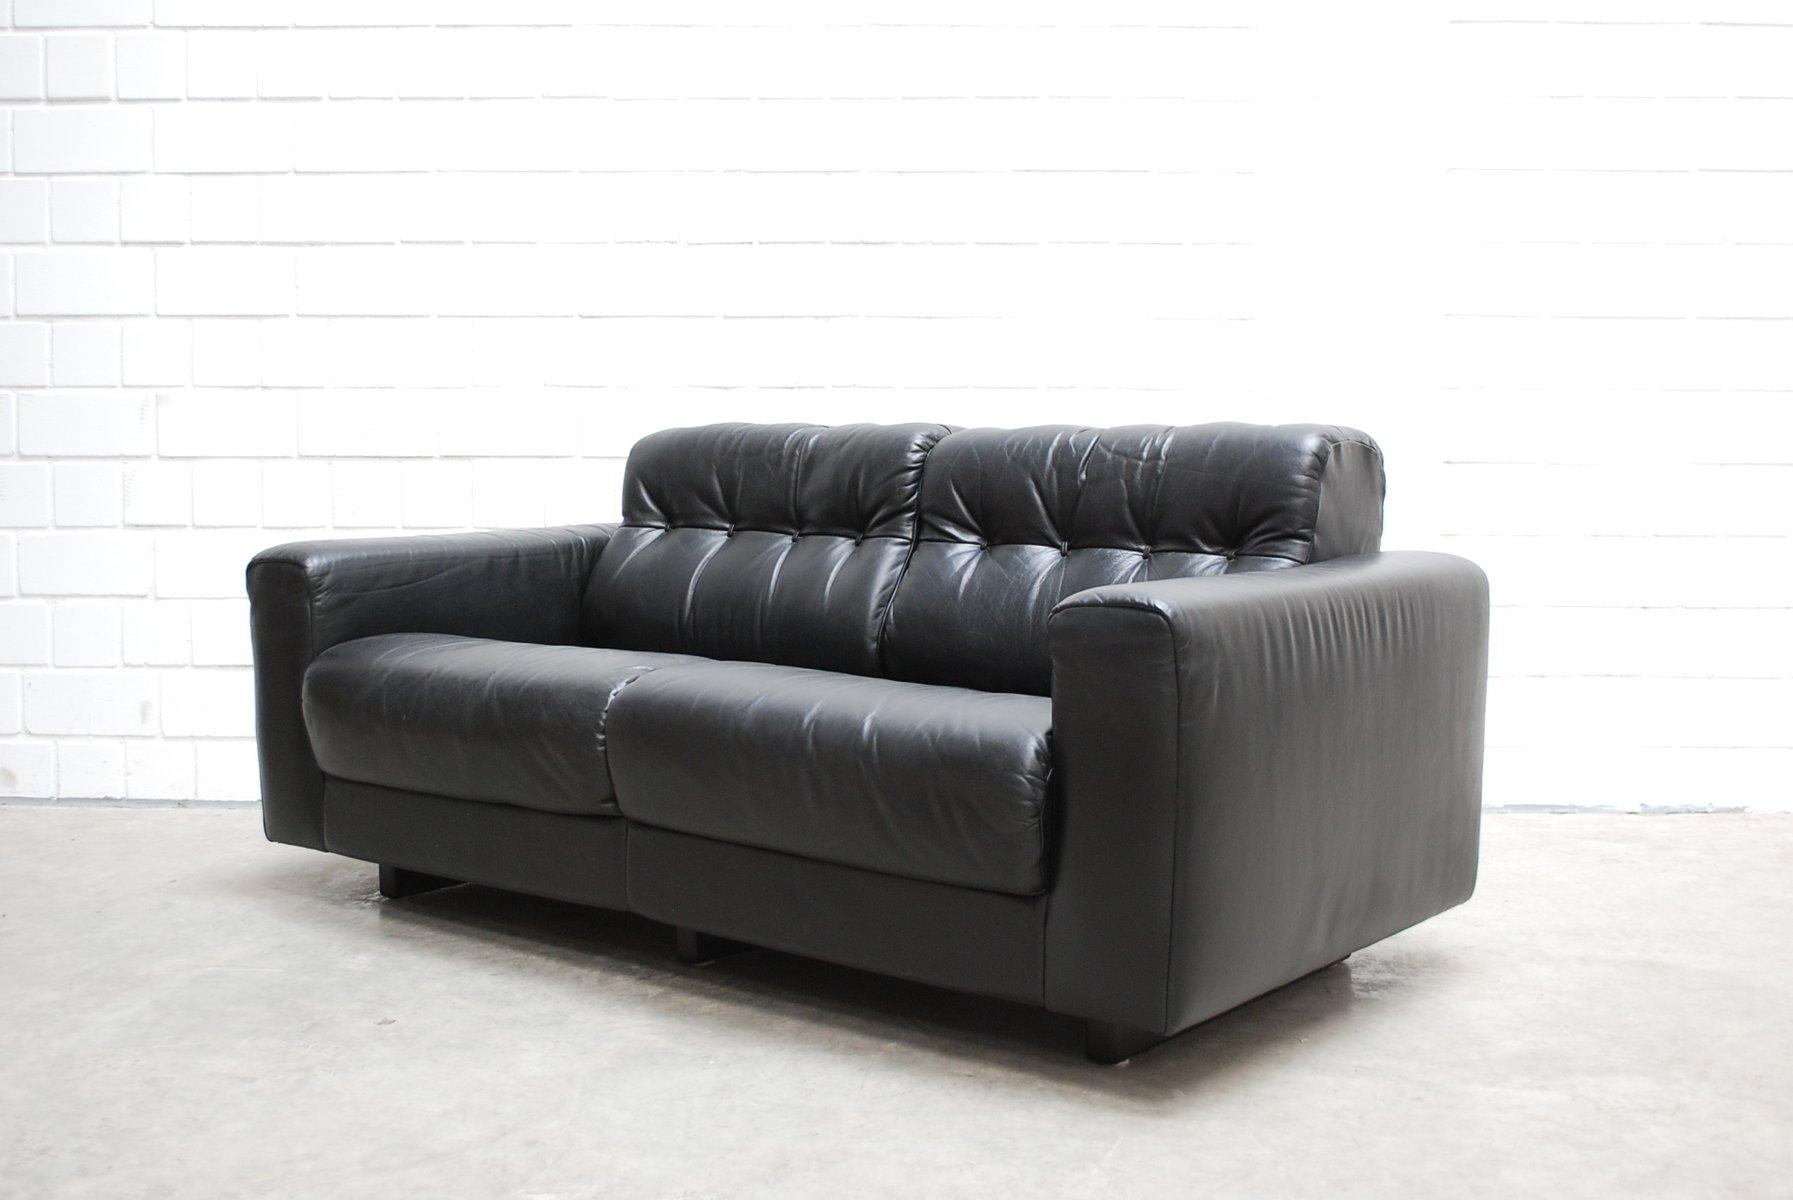 ds 40 wohnzimmerset aus leder von de sede bei pamono kaufen. Black Bedroom Furniture Sets. Home Design Ideas